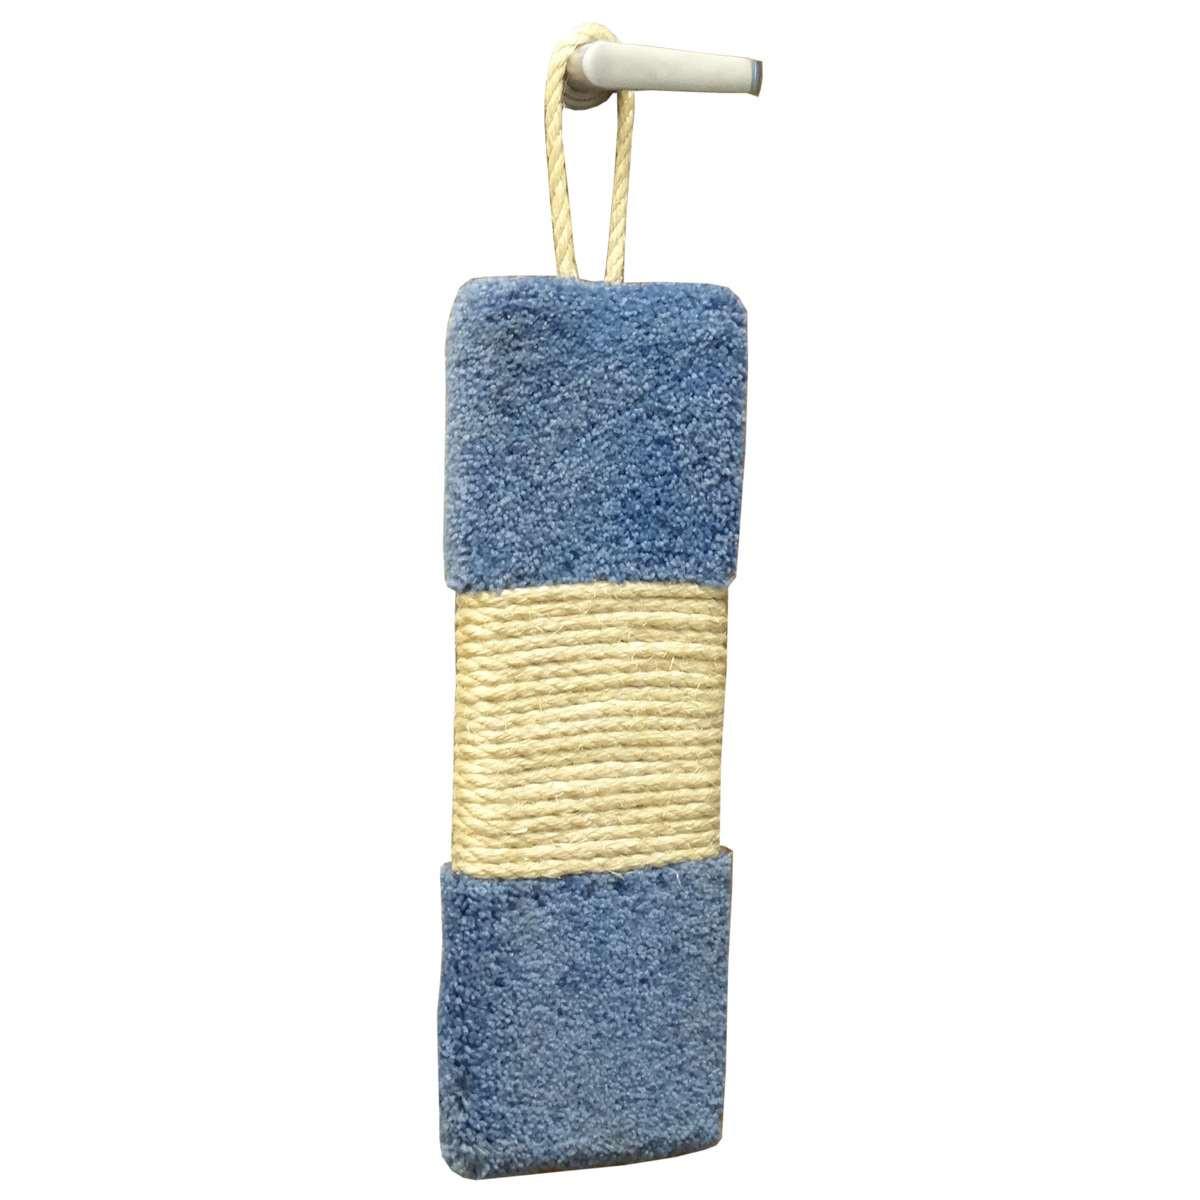 Premier Door Hanging Scratcher with Sisal Rope